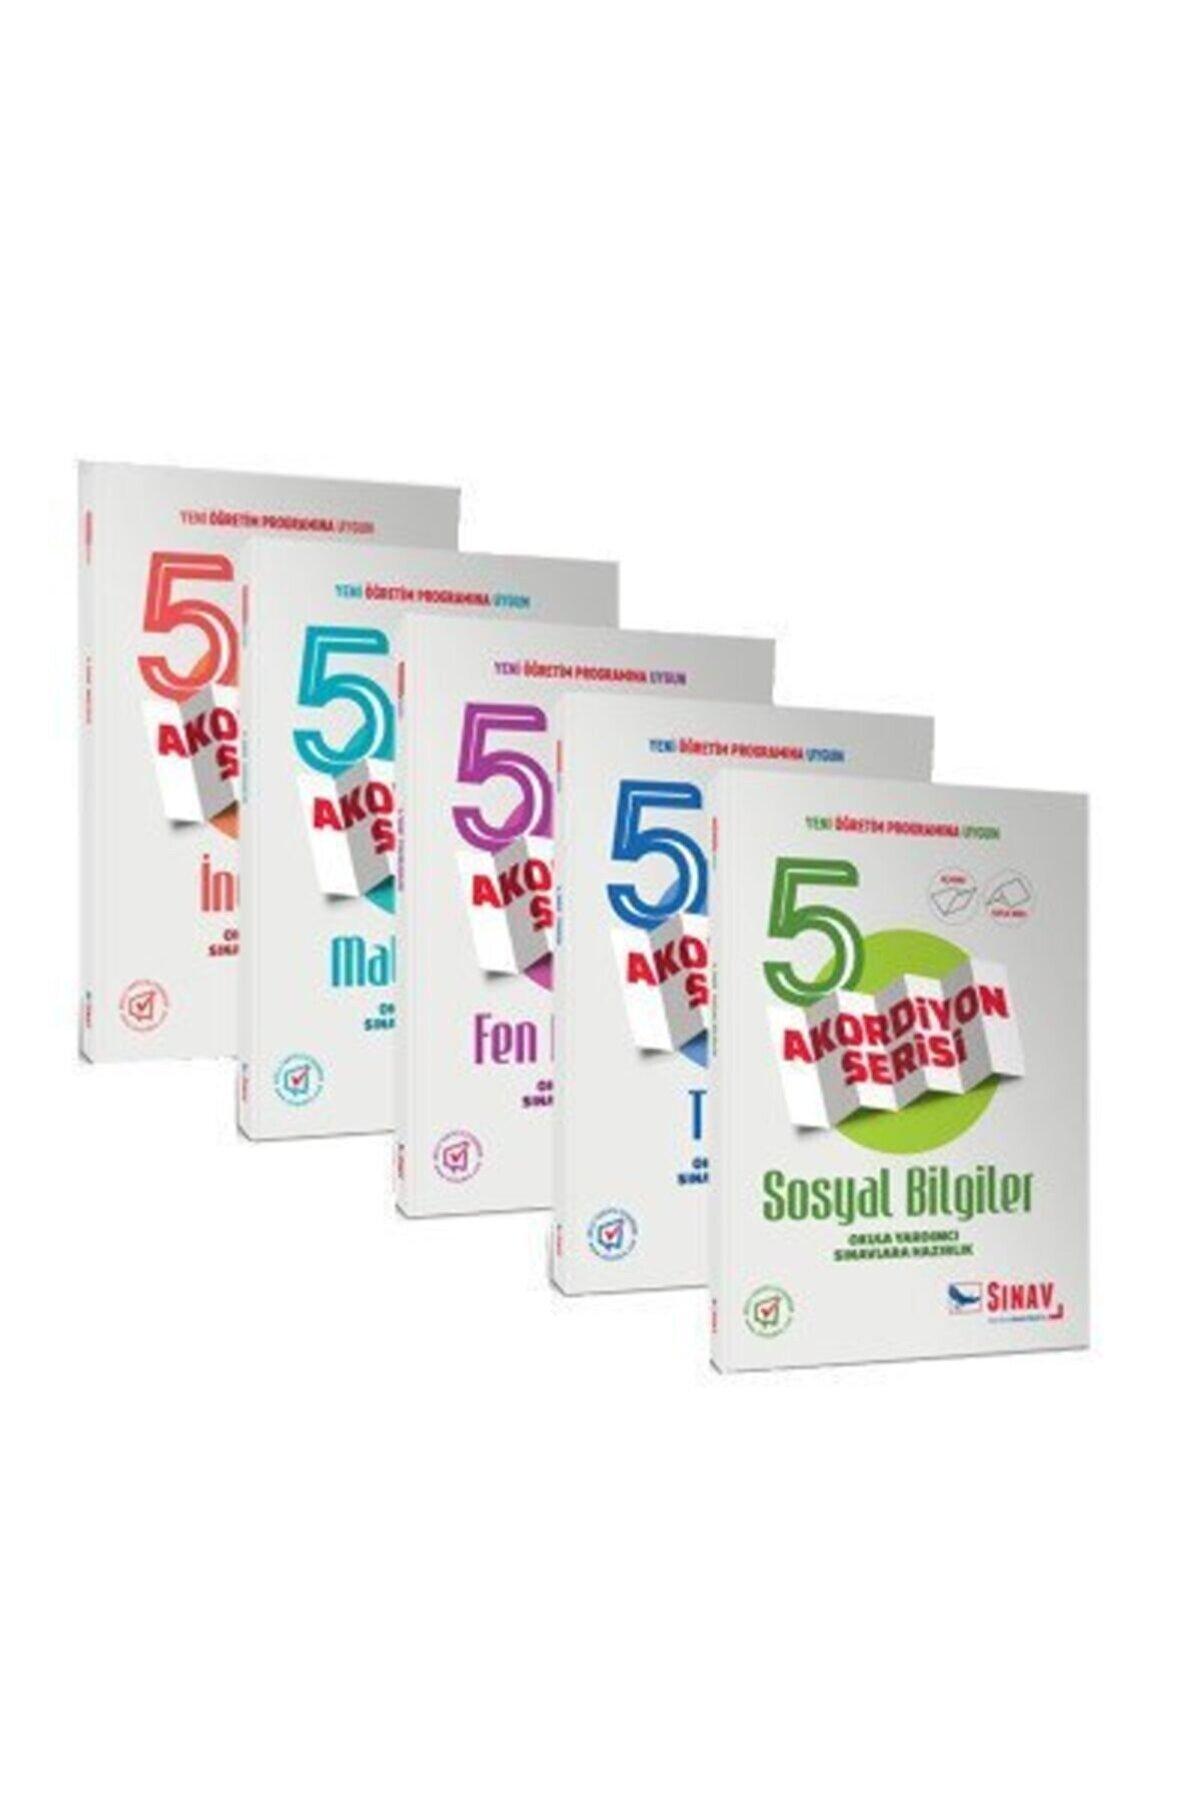 Sınav Yayınları 5. Sınıf Tüm Dersler Konu Anlatımlı Soru Bankası Seti Akordiyon Serisi